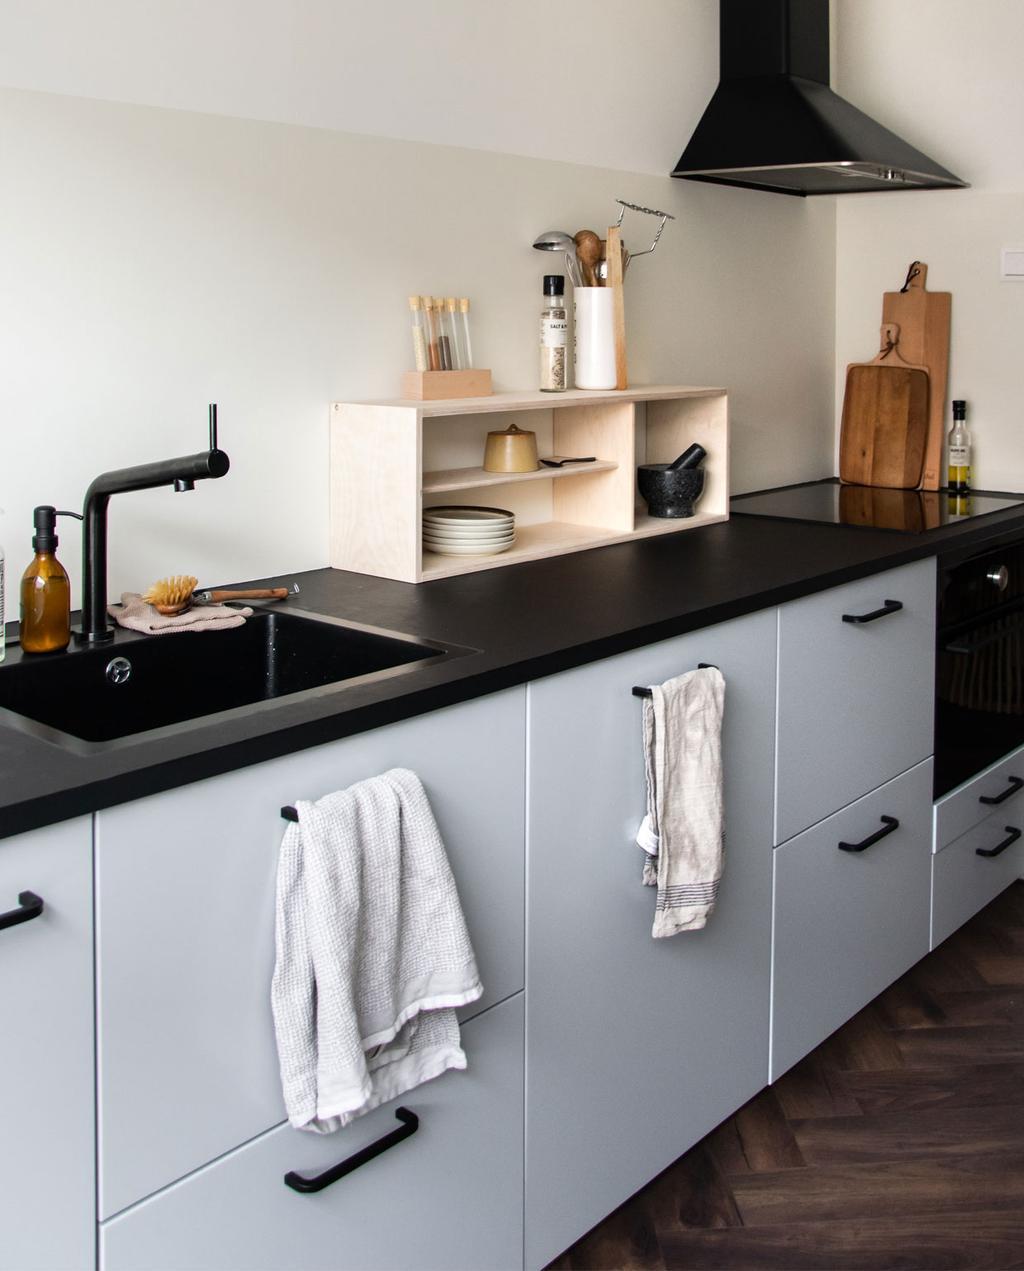 vtwonen blog Rachel Terpstra | kleur muurverf kiezen voor keuken met flexa creations testers keuken met zwart aanrecht en muur in twee tinten wit